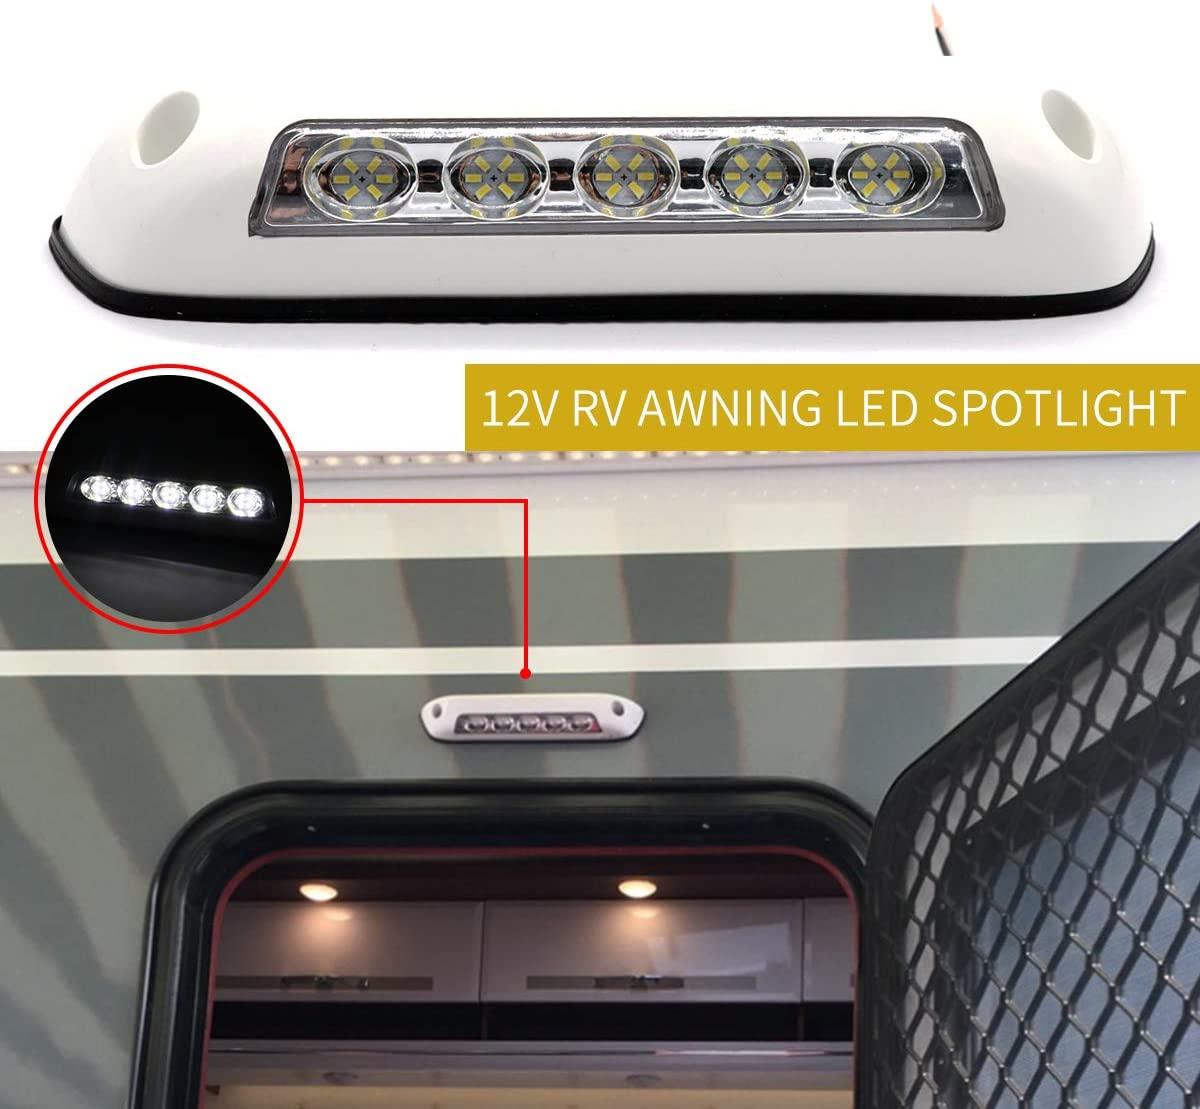 luz led exterior para autocaravana